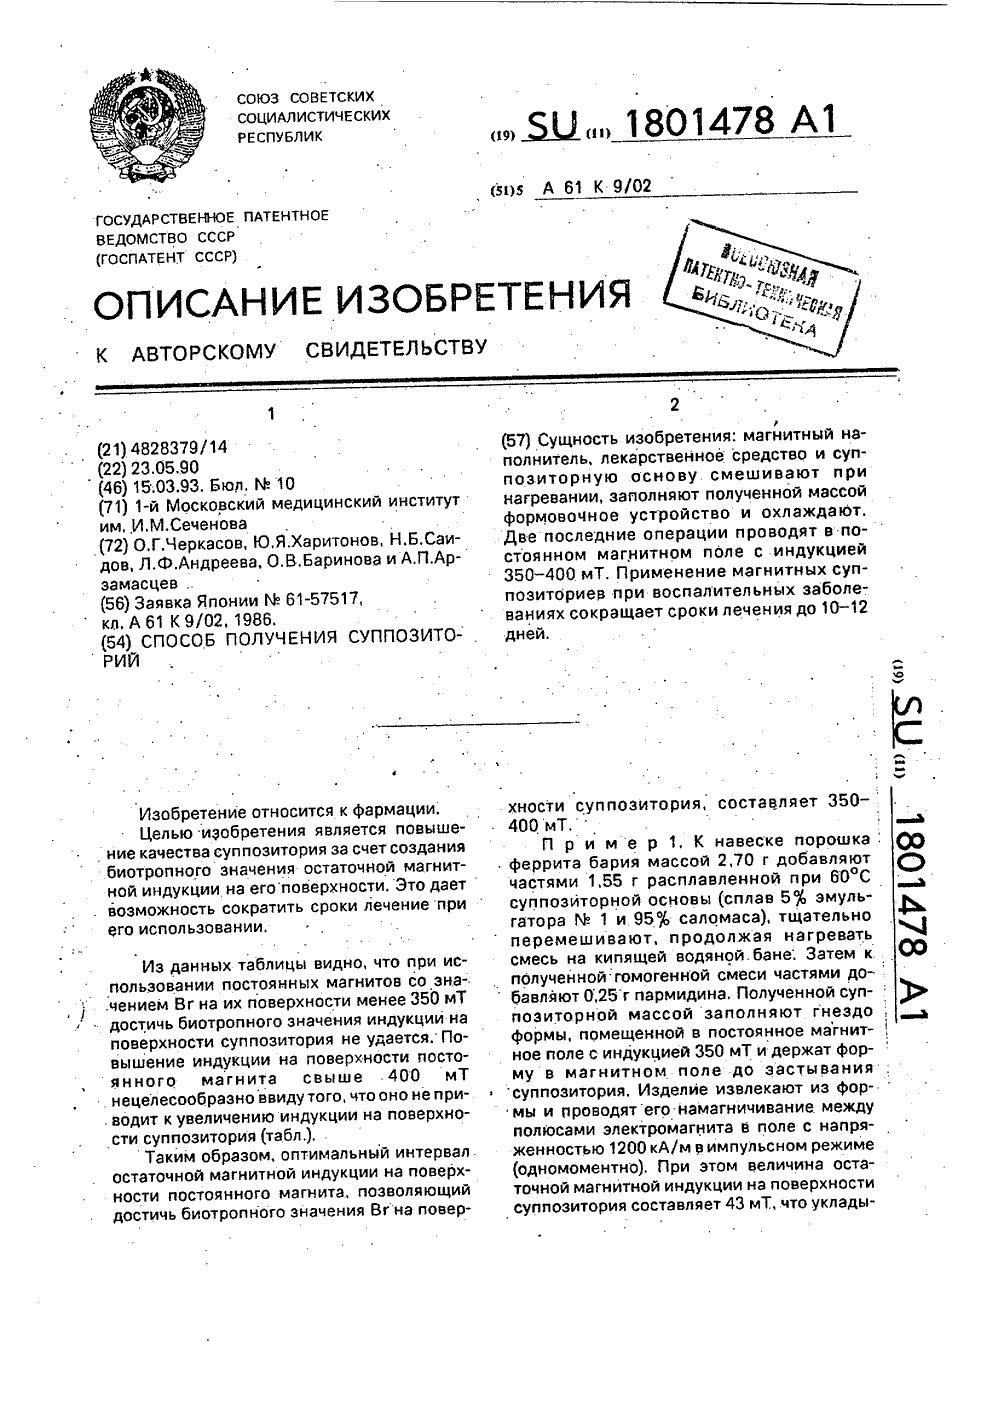 Суппозиторий